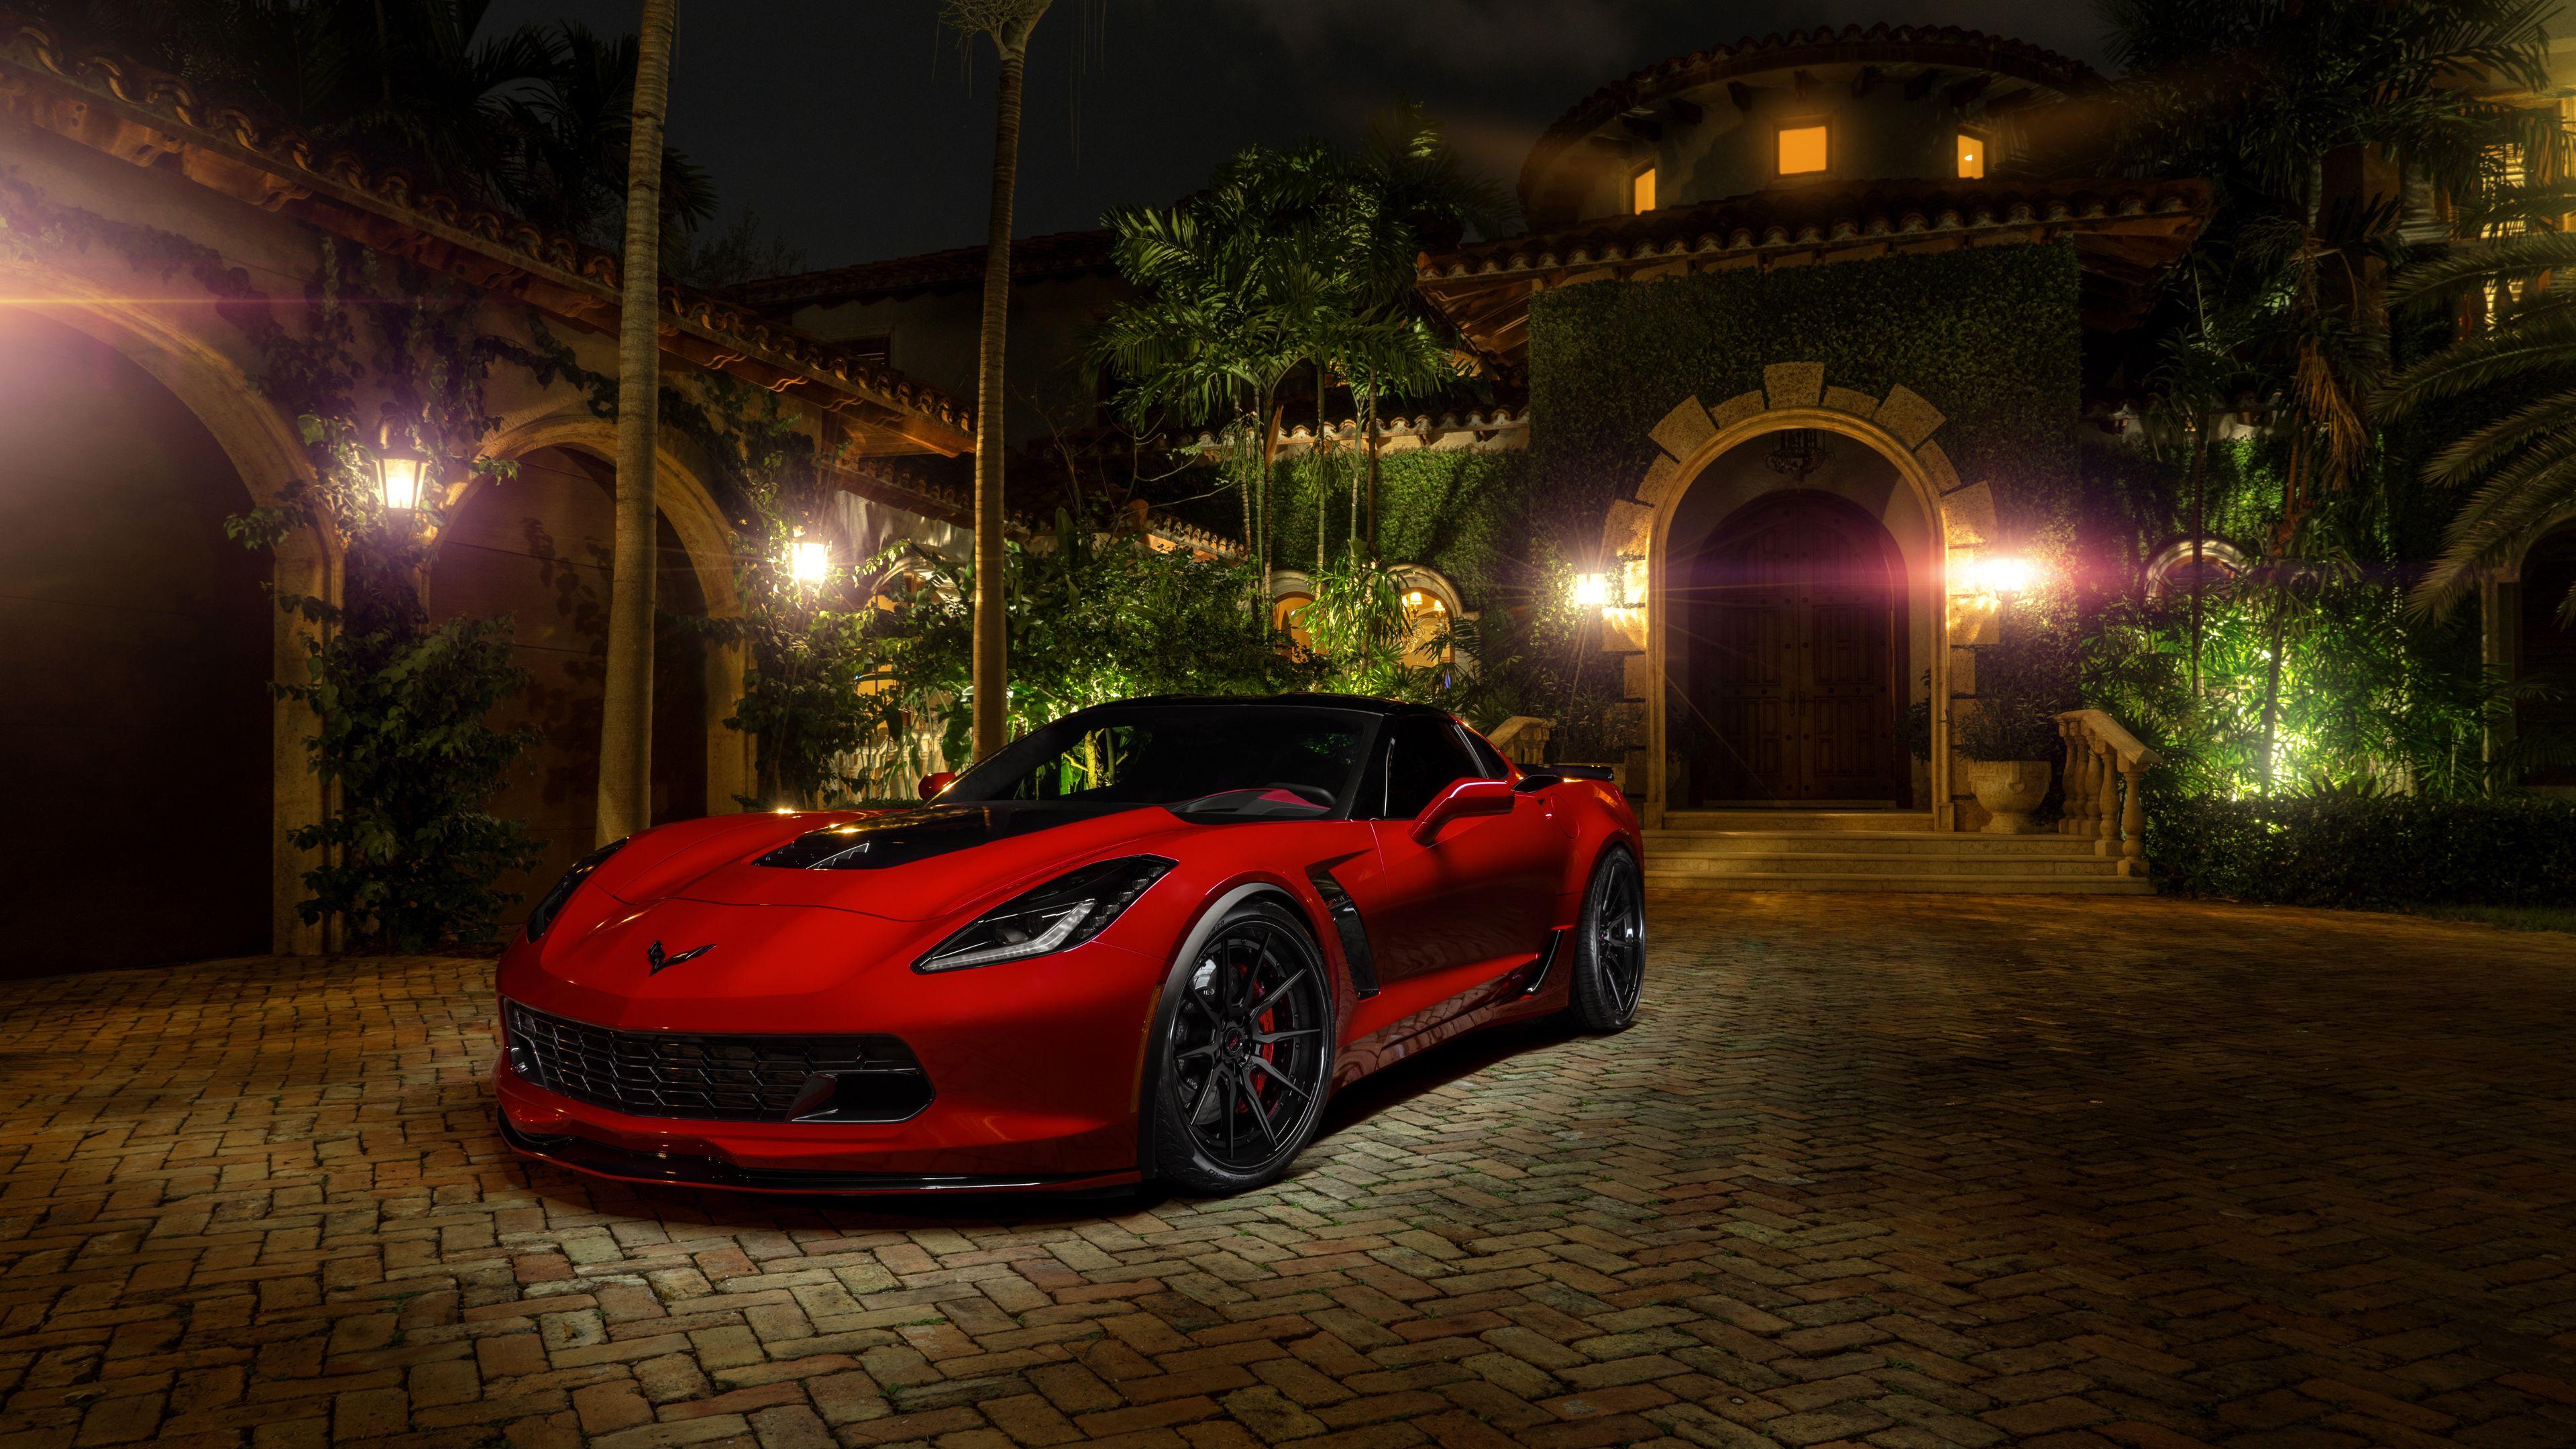 corvette wallpapers